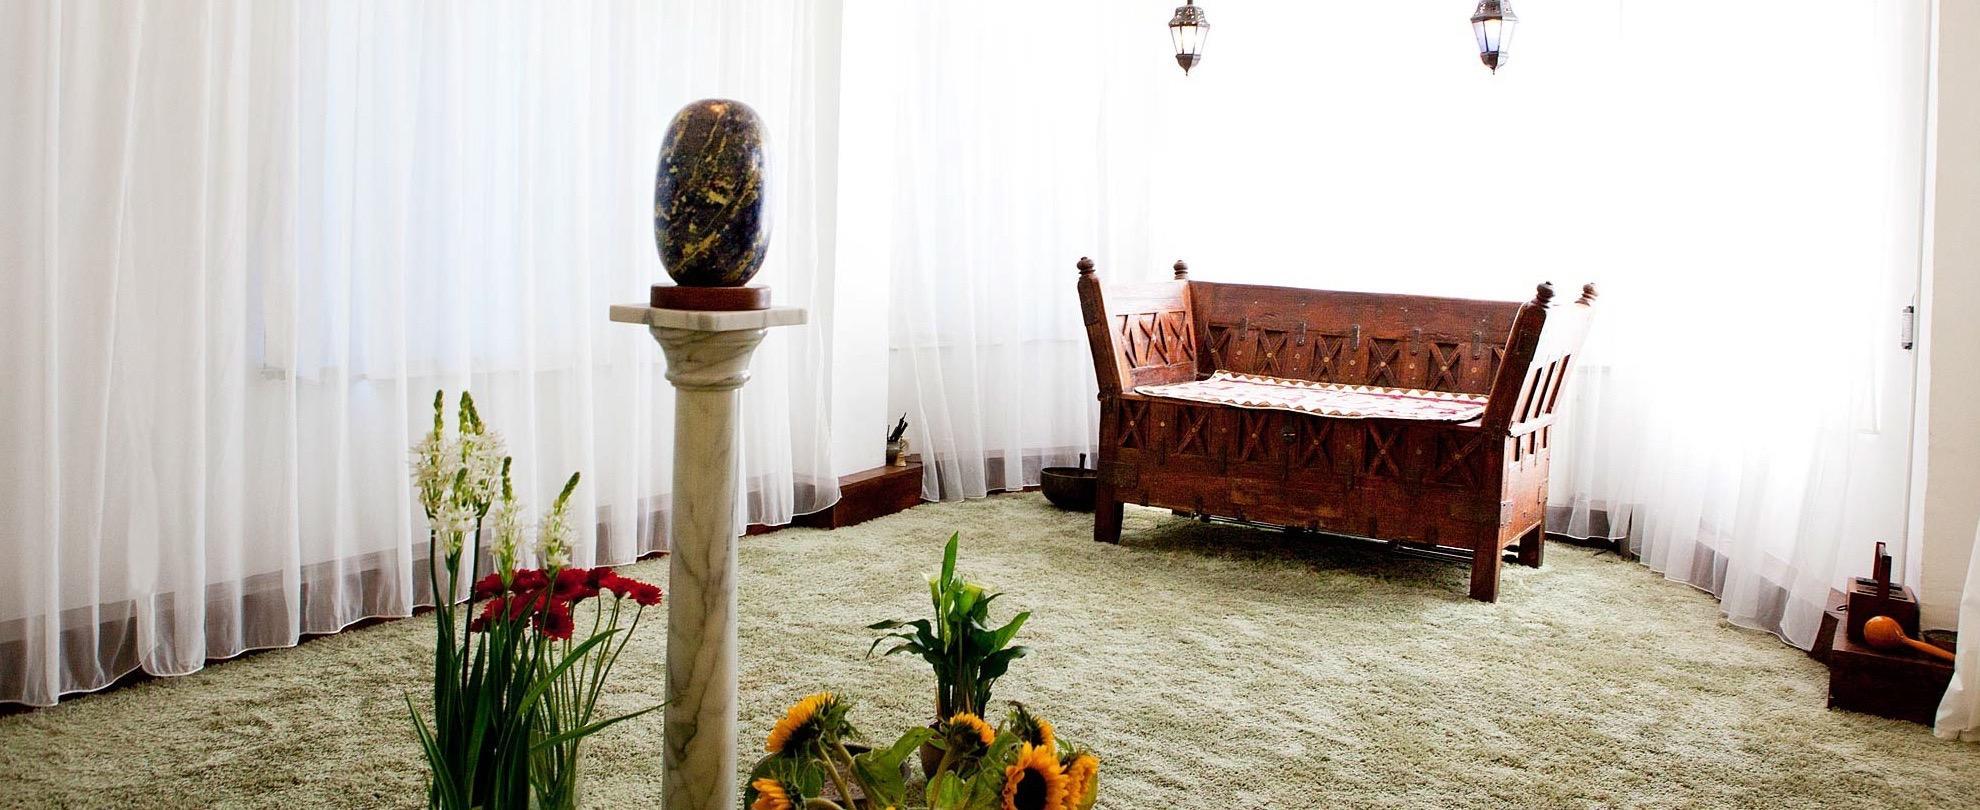 retraite centrum, meditatie retraite, retraite, spiritueel, stilte retraite, trancendentie